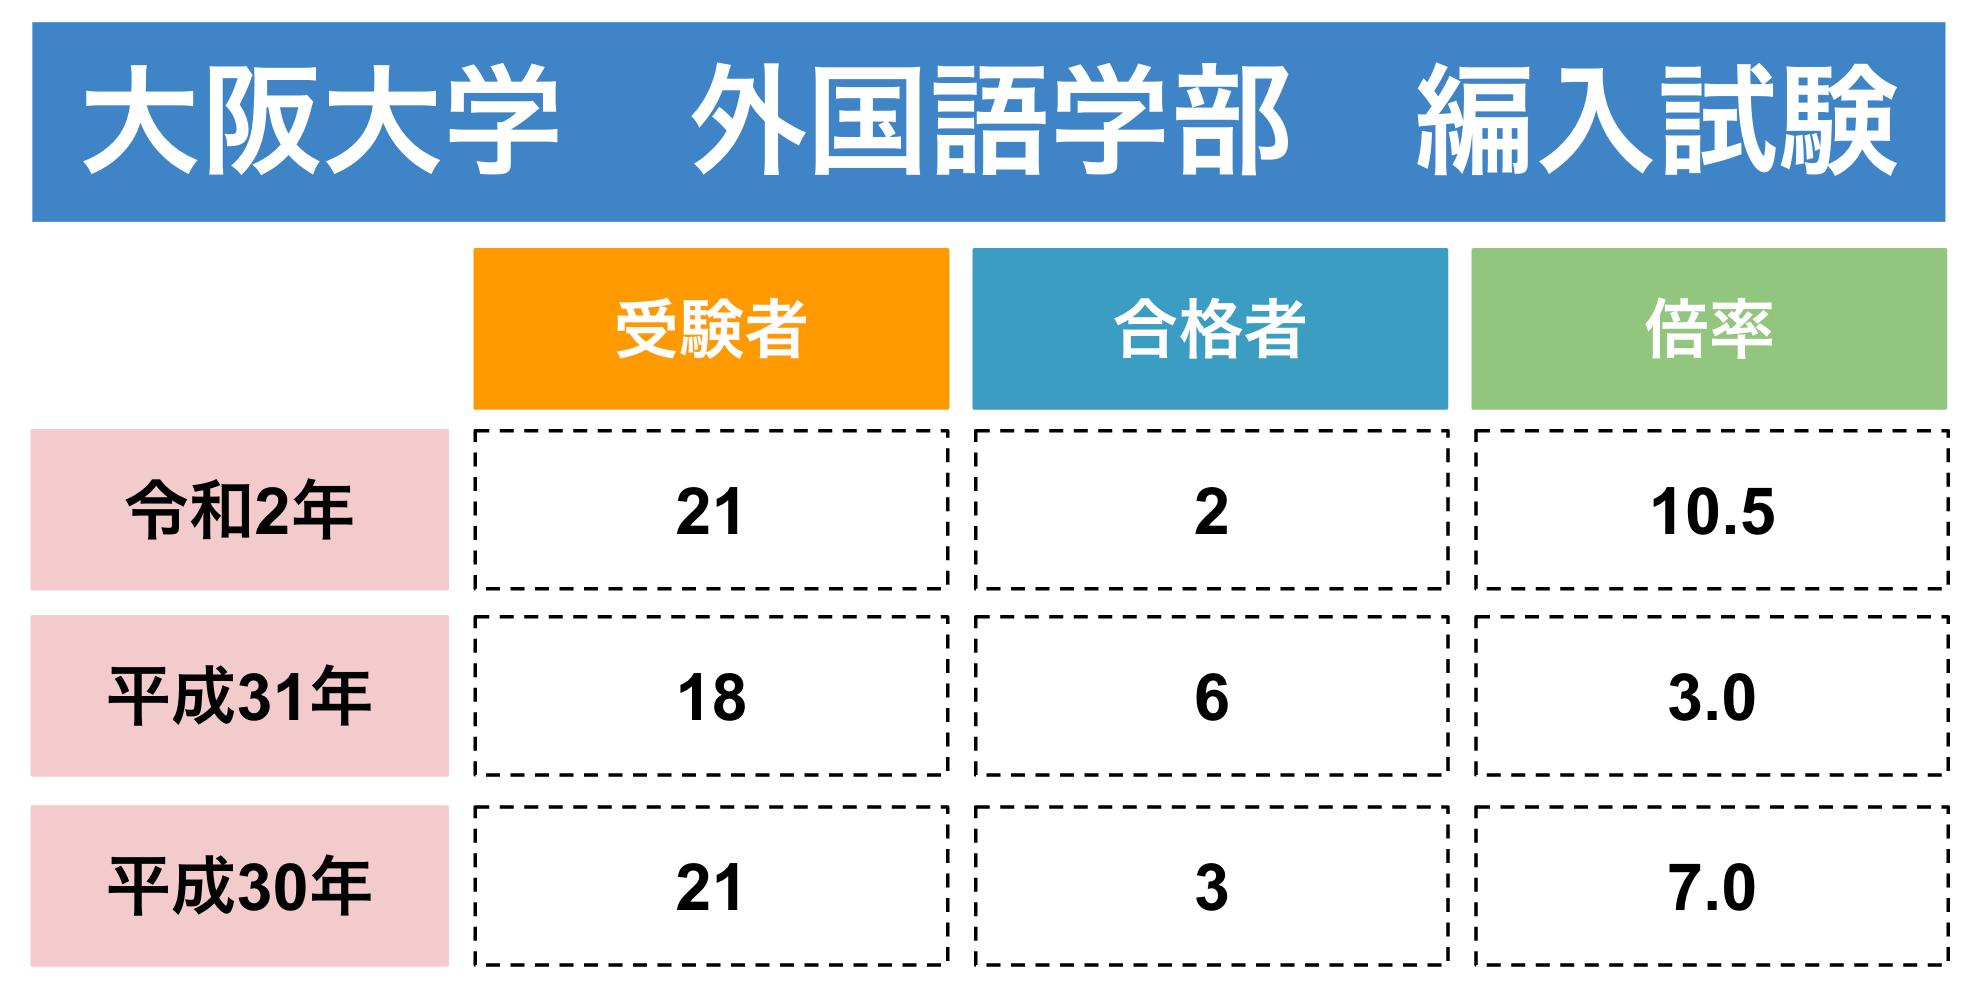 大阪大学外国語学部の編入実施状況